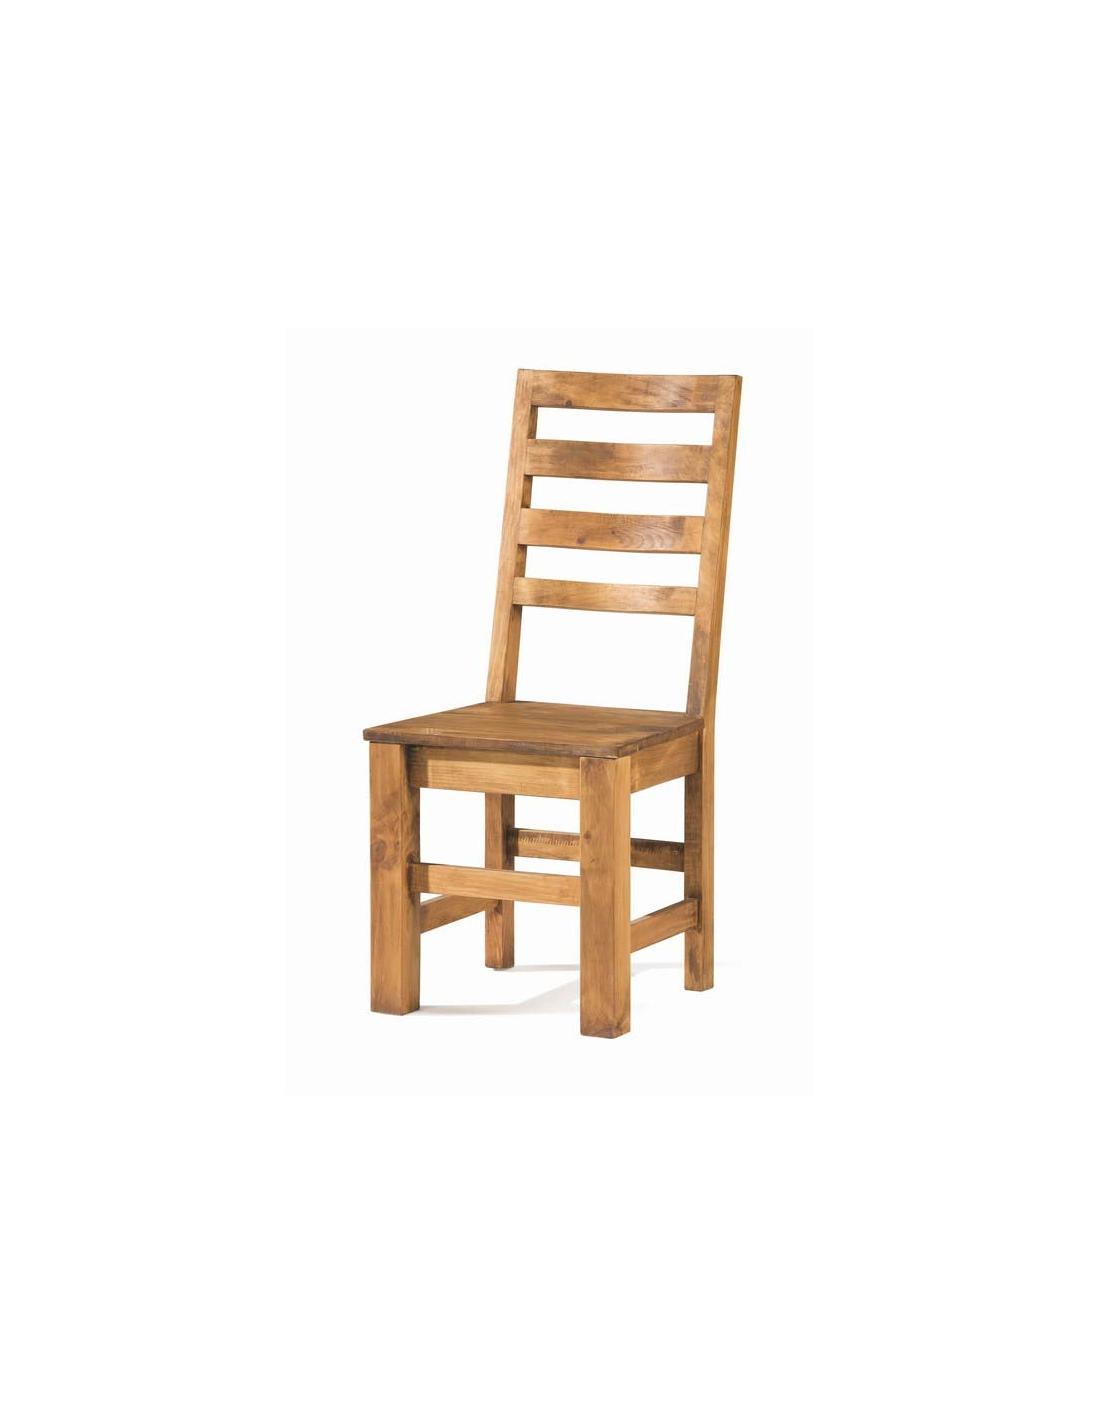 Comprar silla de comedor de estilo rustico 50031 zoom for Estilos de sillas para comedor